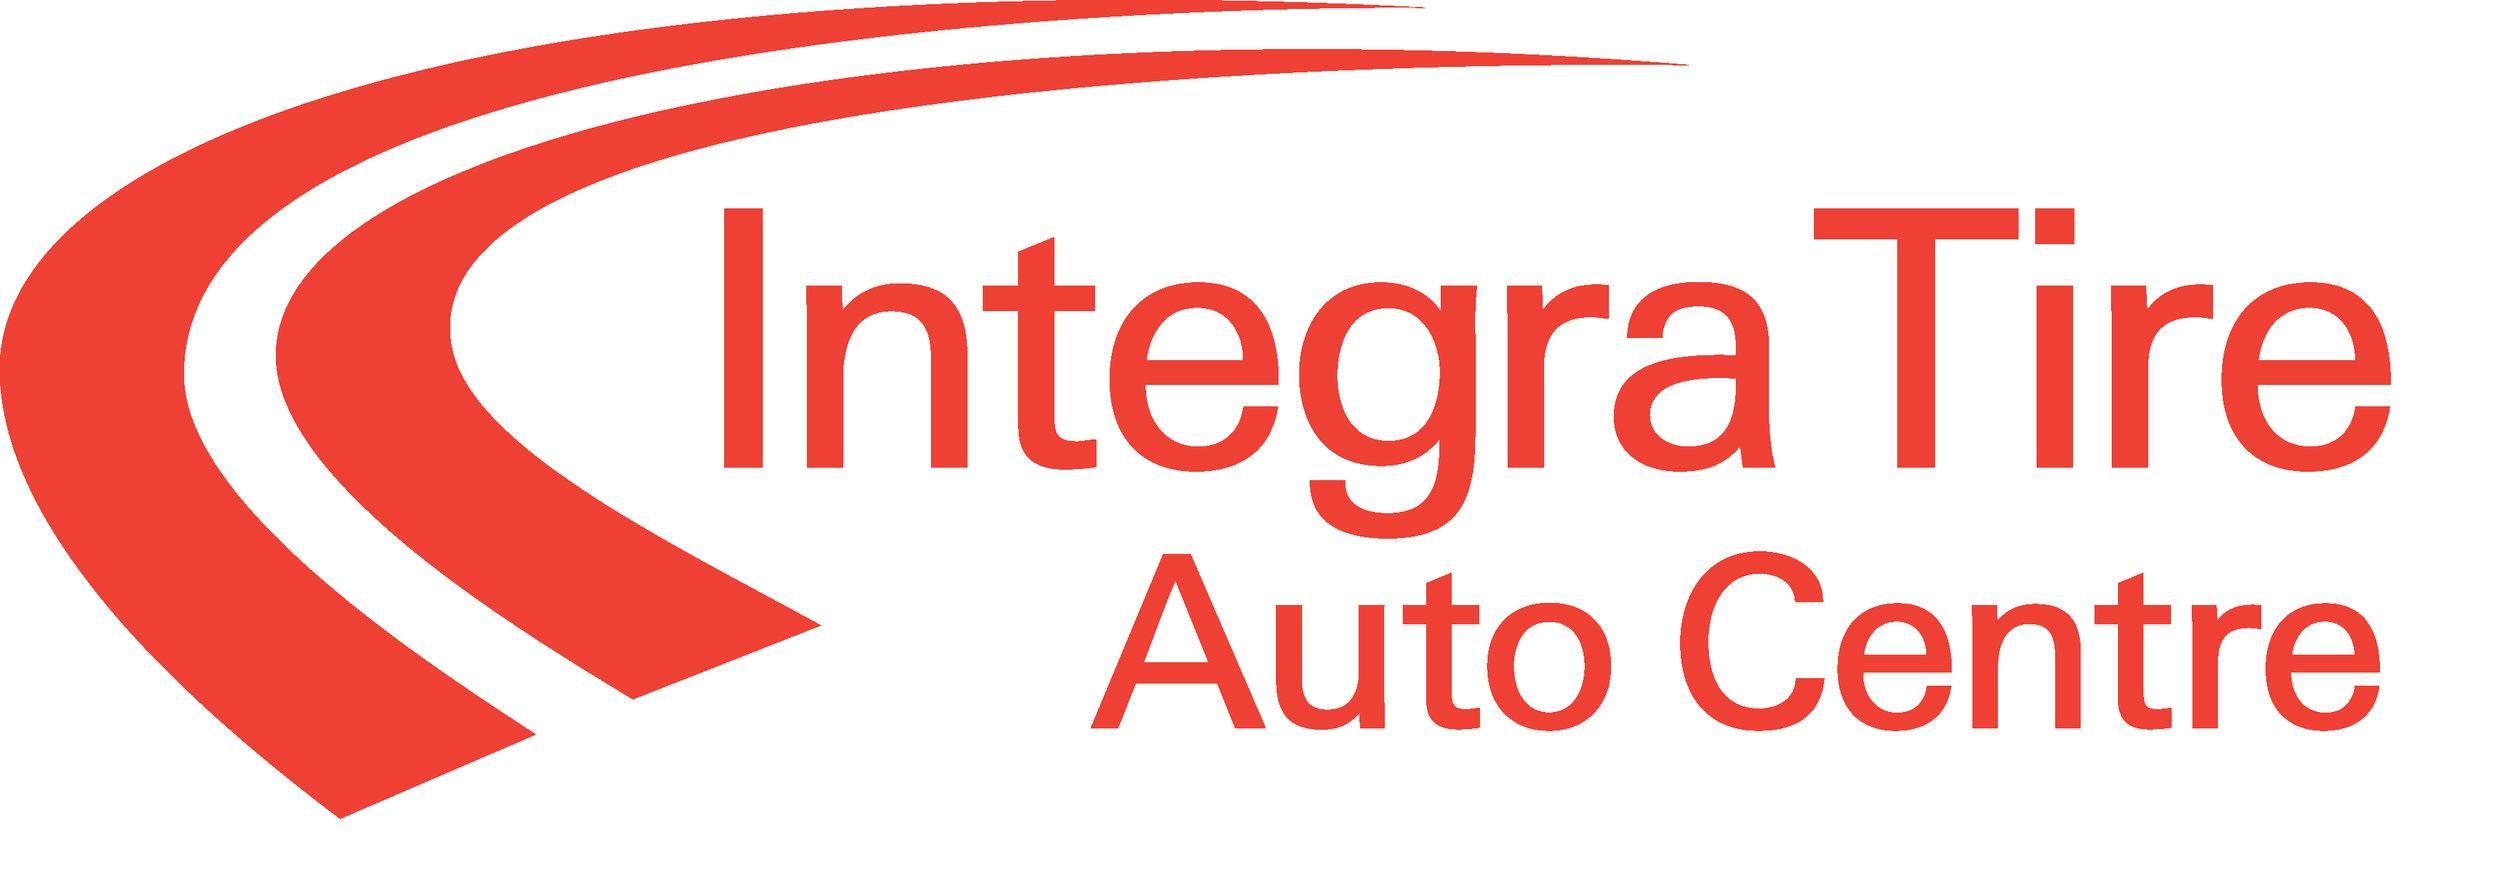 1501997711-IntegraTireAutoCentreLogo.jpg